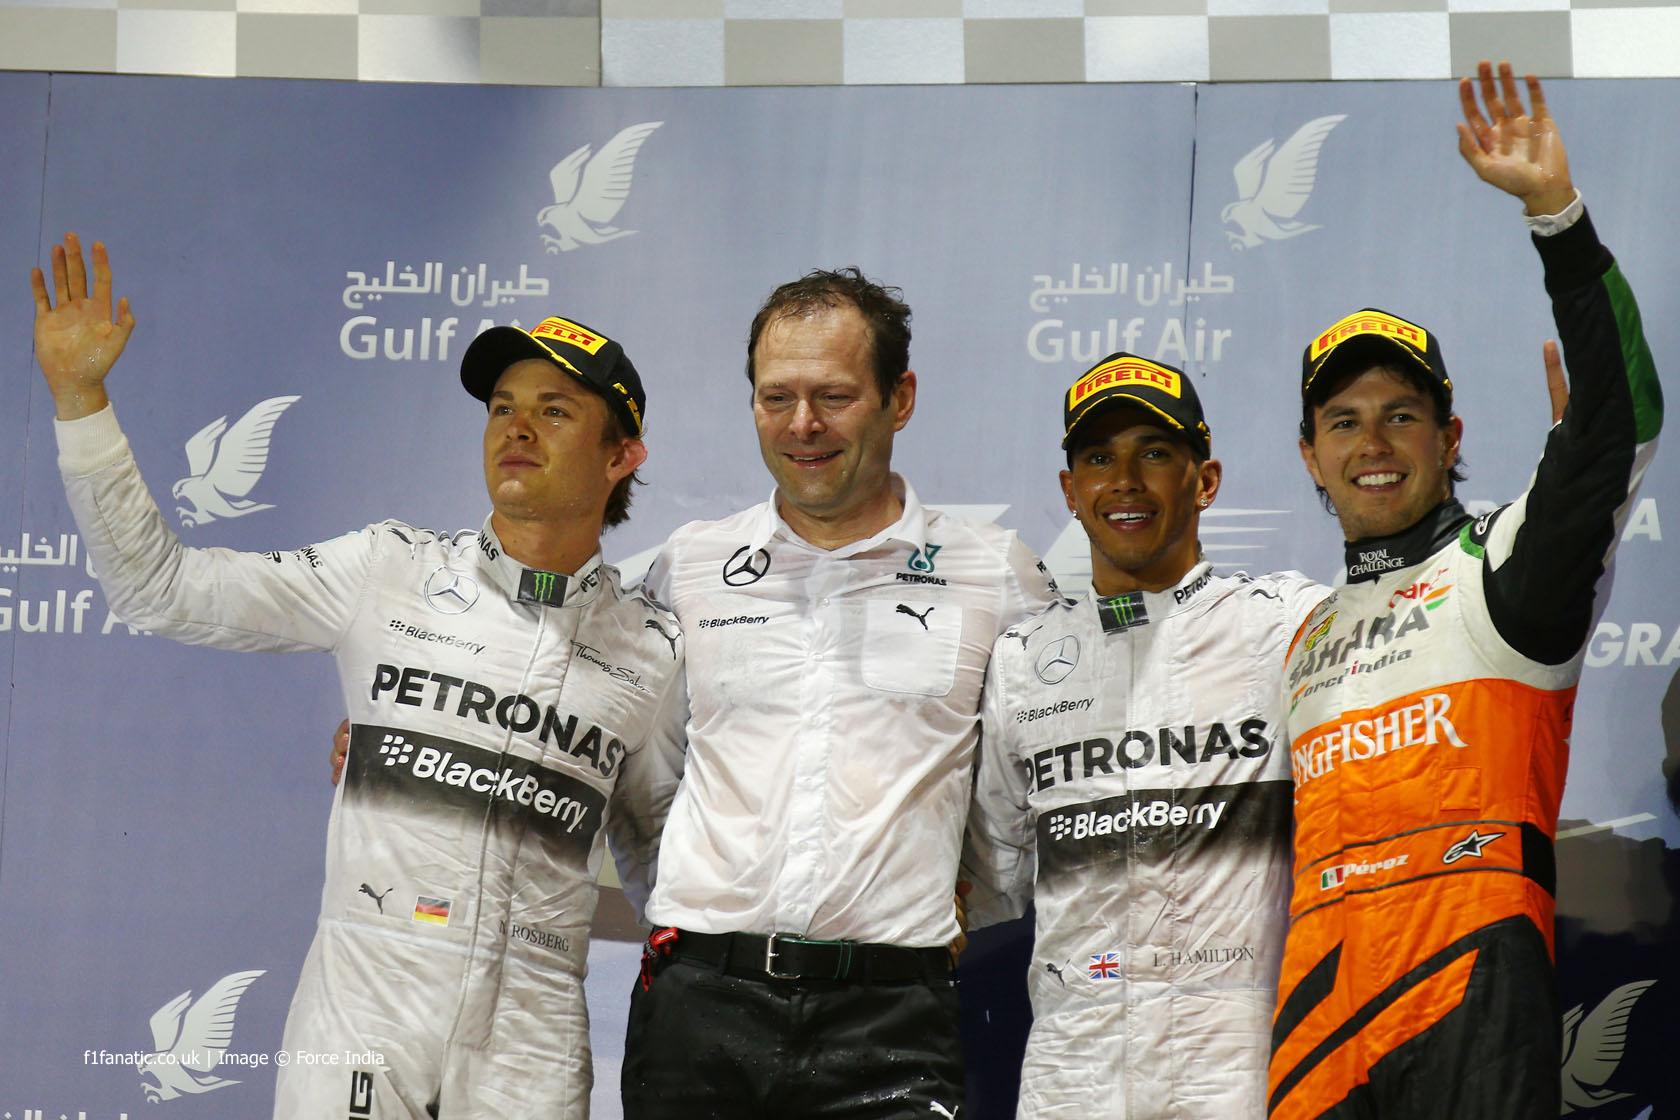 Nico Rosberg, Lewis Hamilton, Sergio Perez, Bahrain International Circuit, 2014